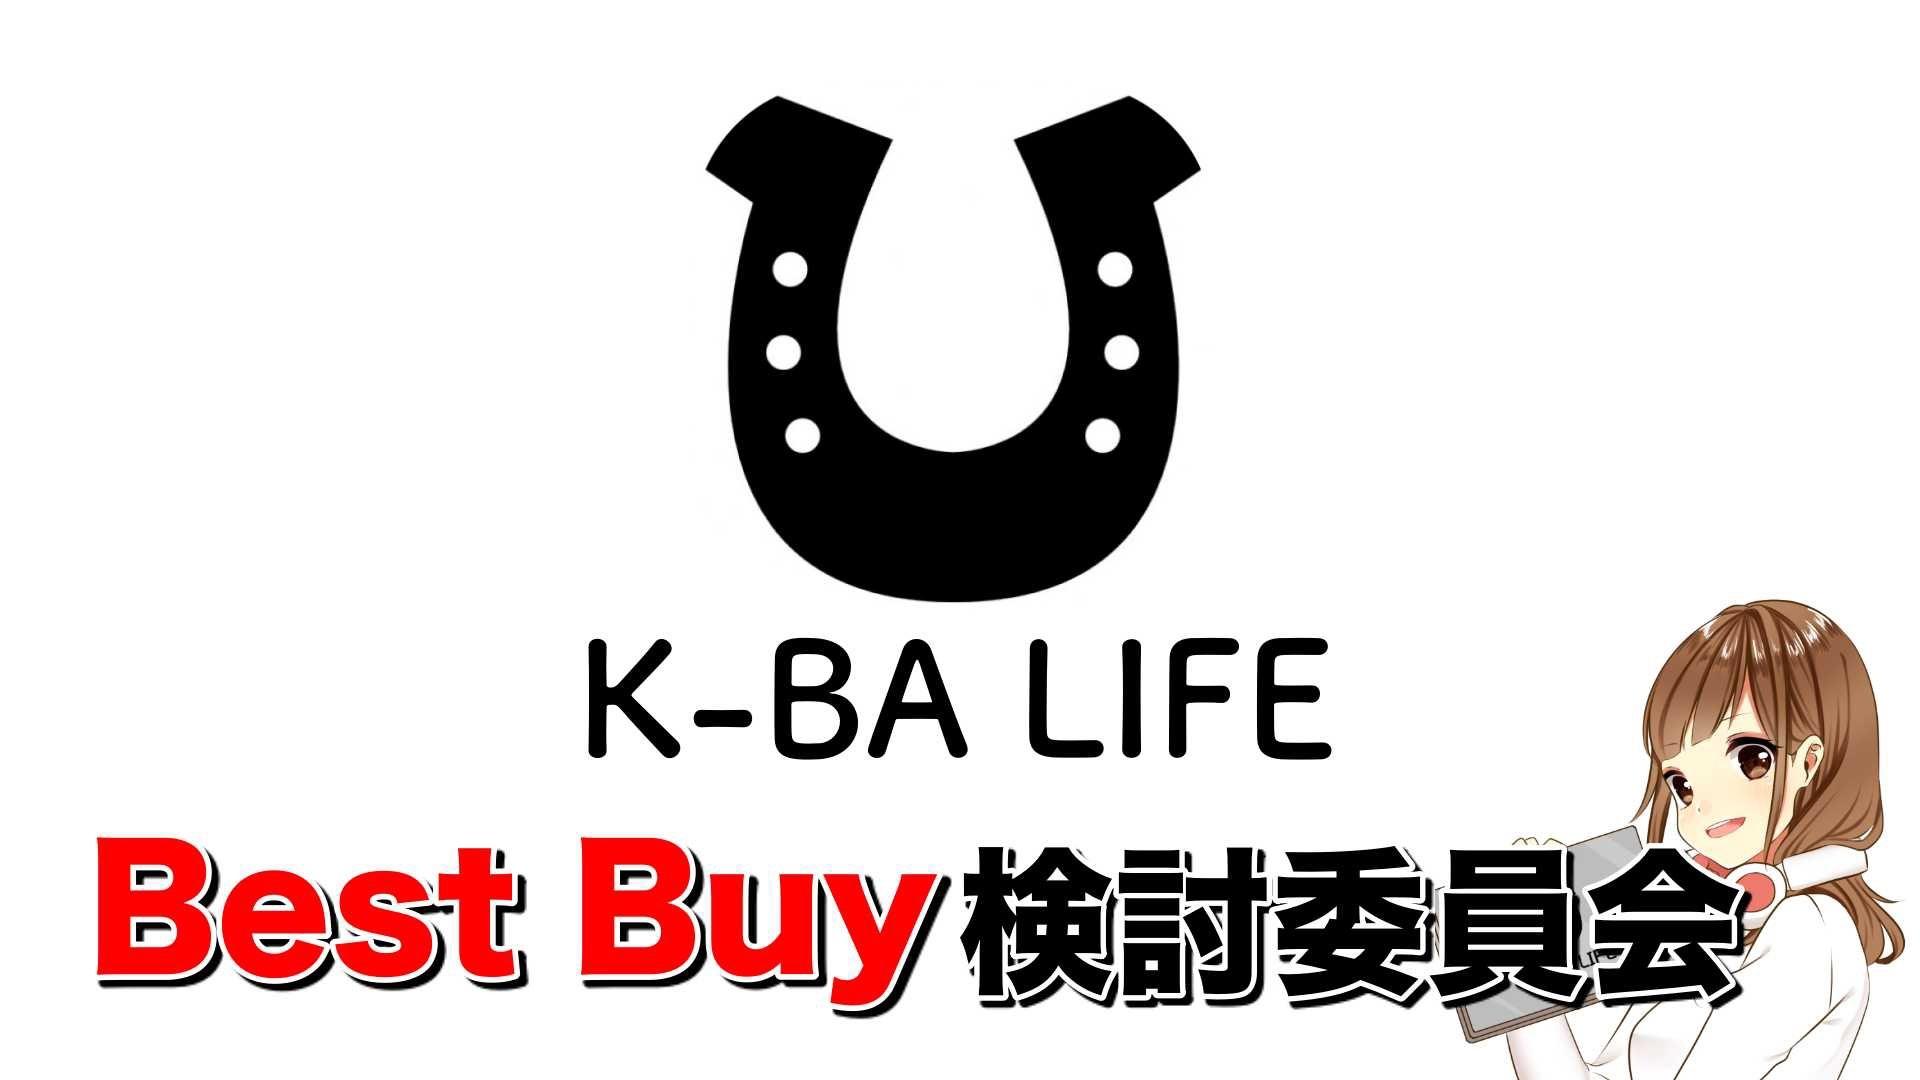 K-BA LIFEのBestBuy検討委員会